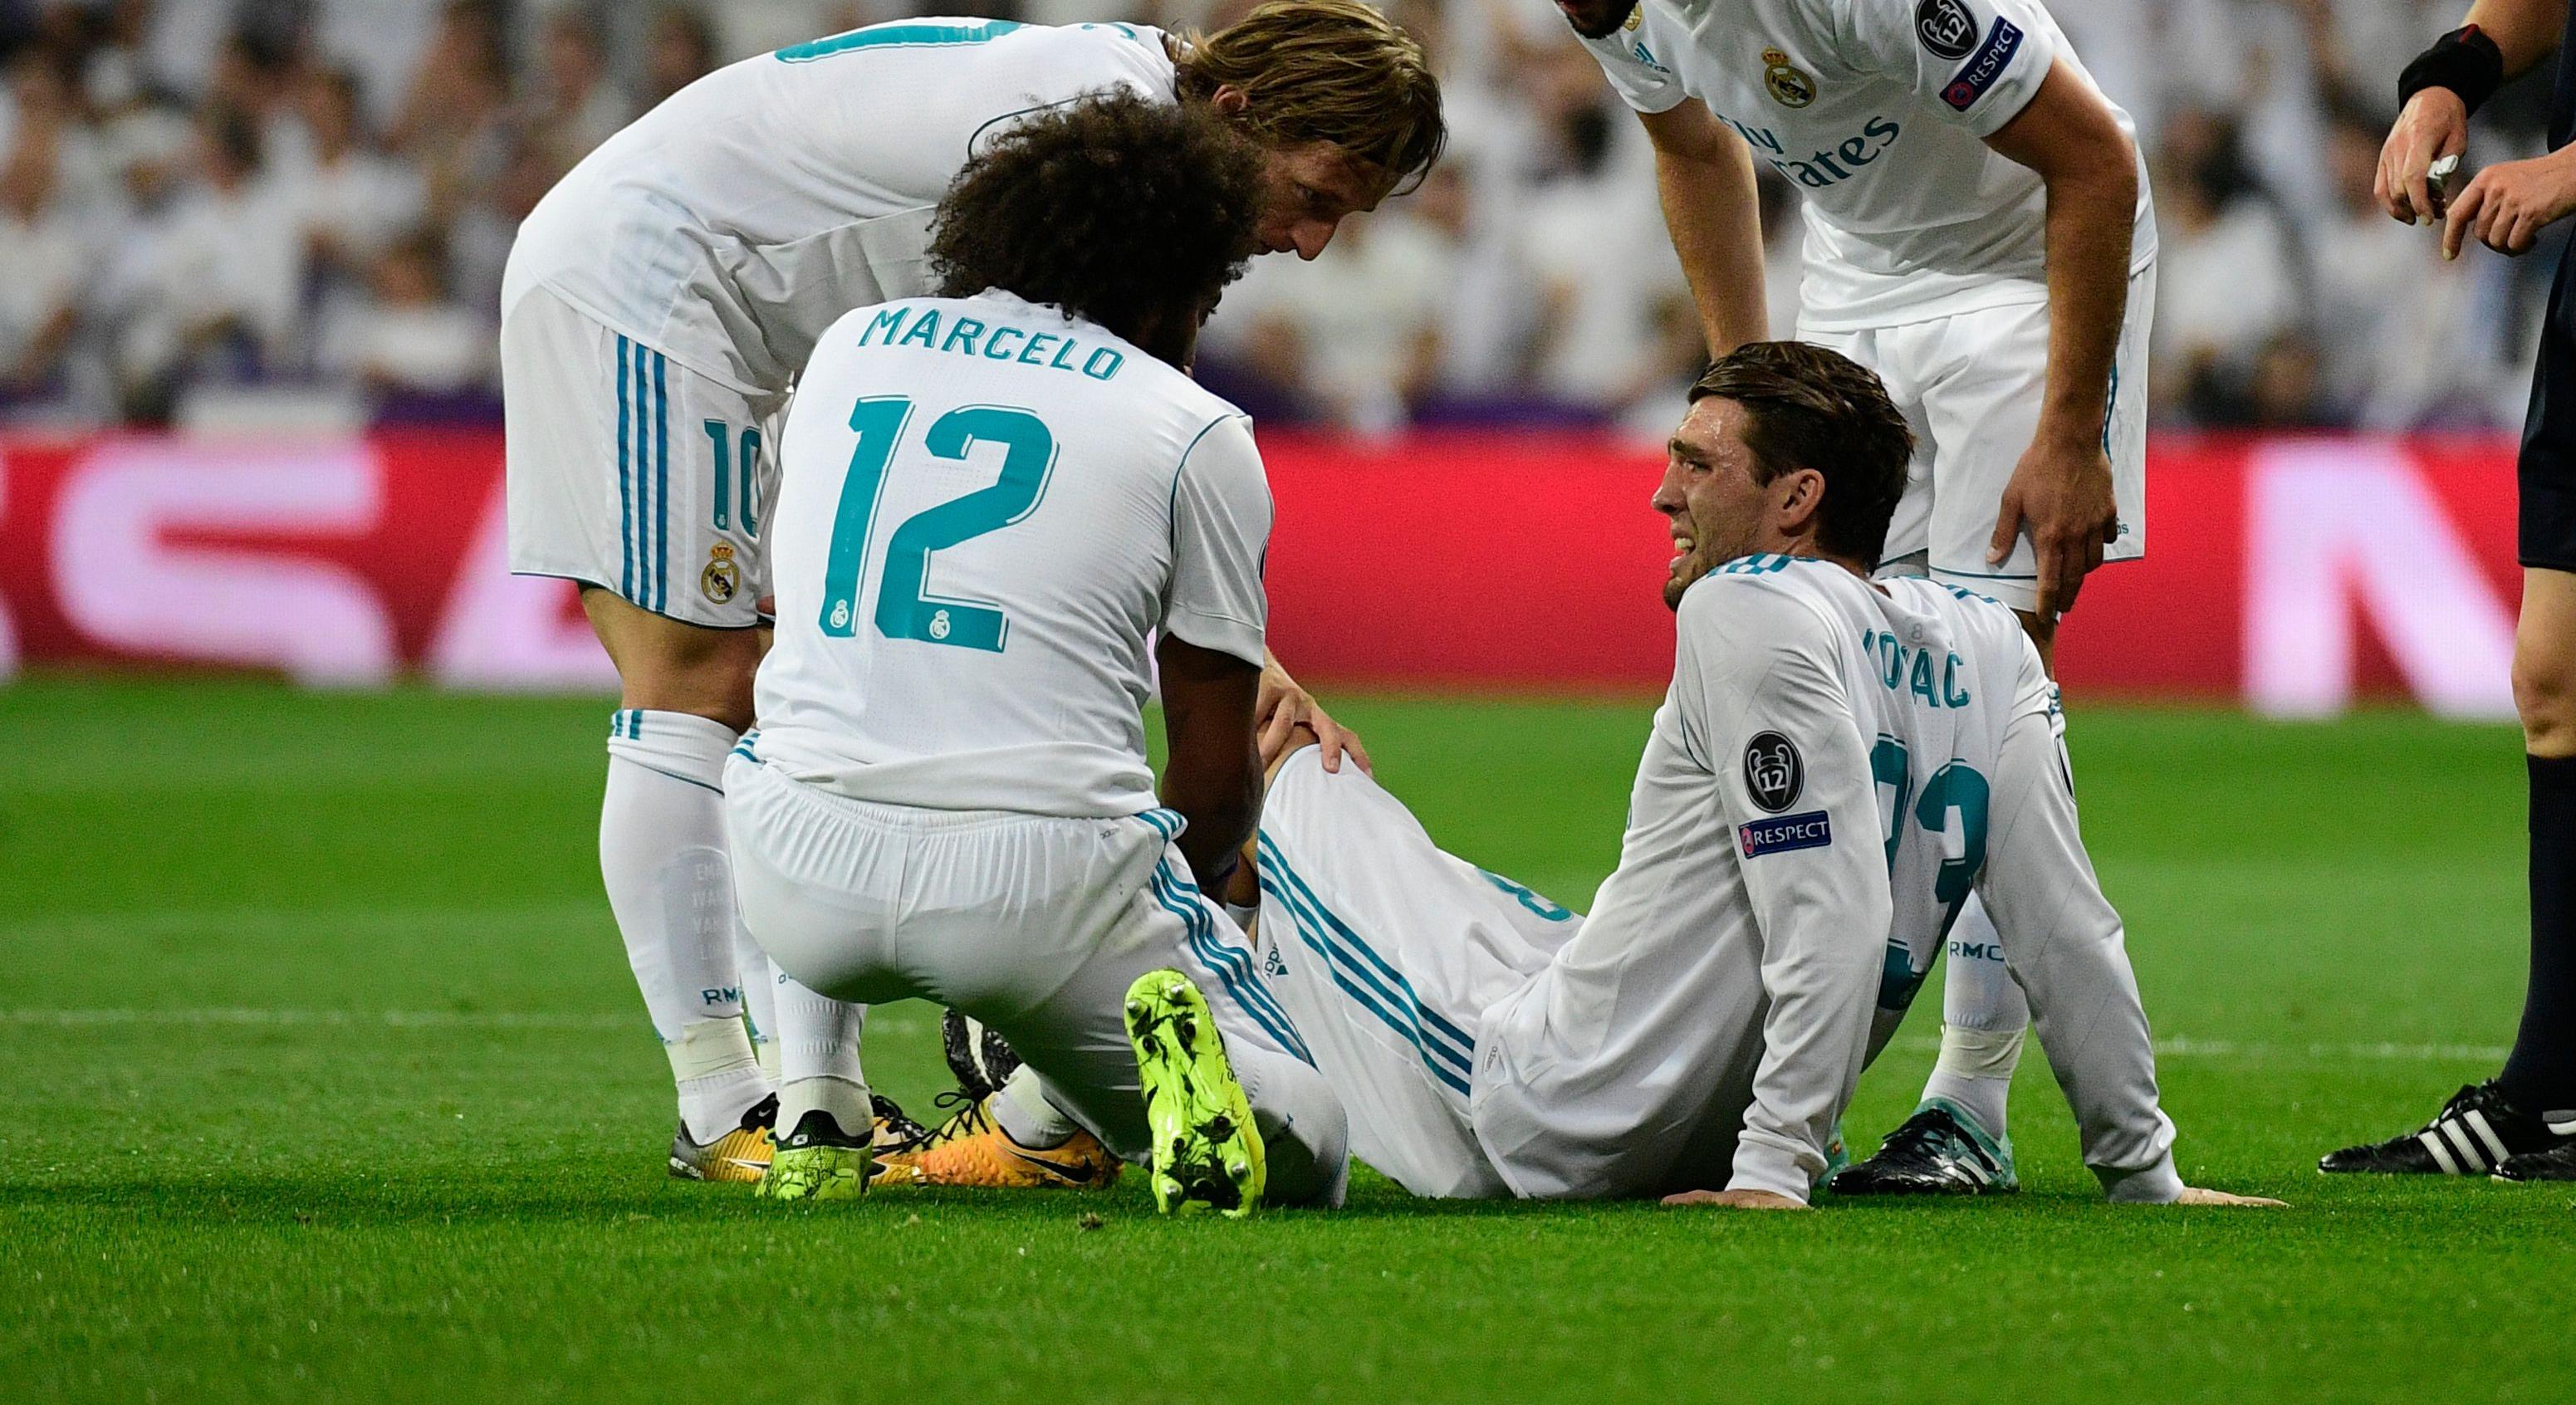 Mateo Kovacic Real Madrid APOEL